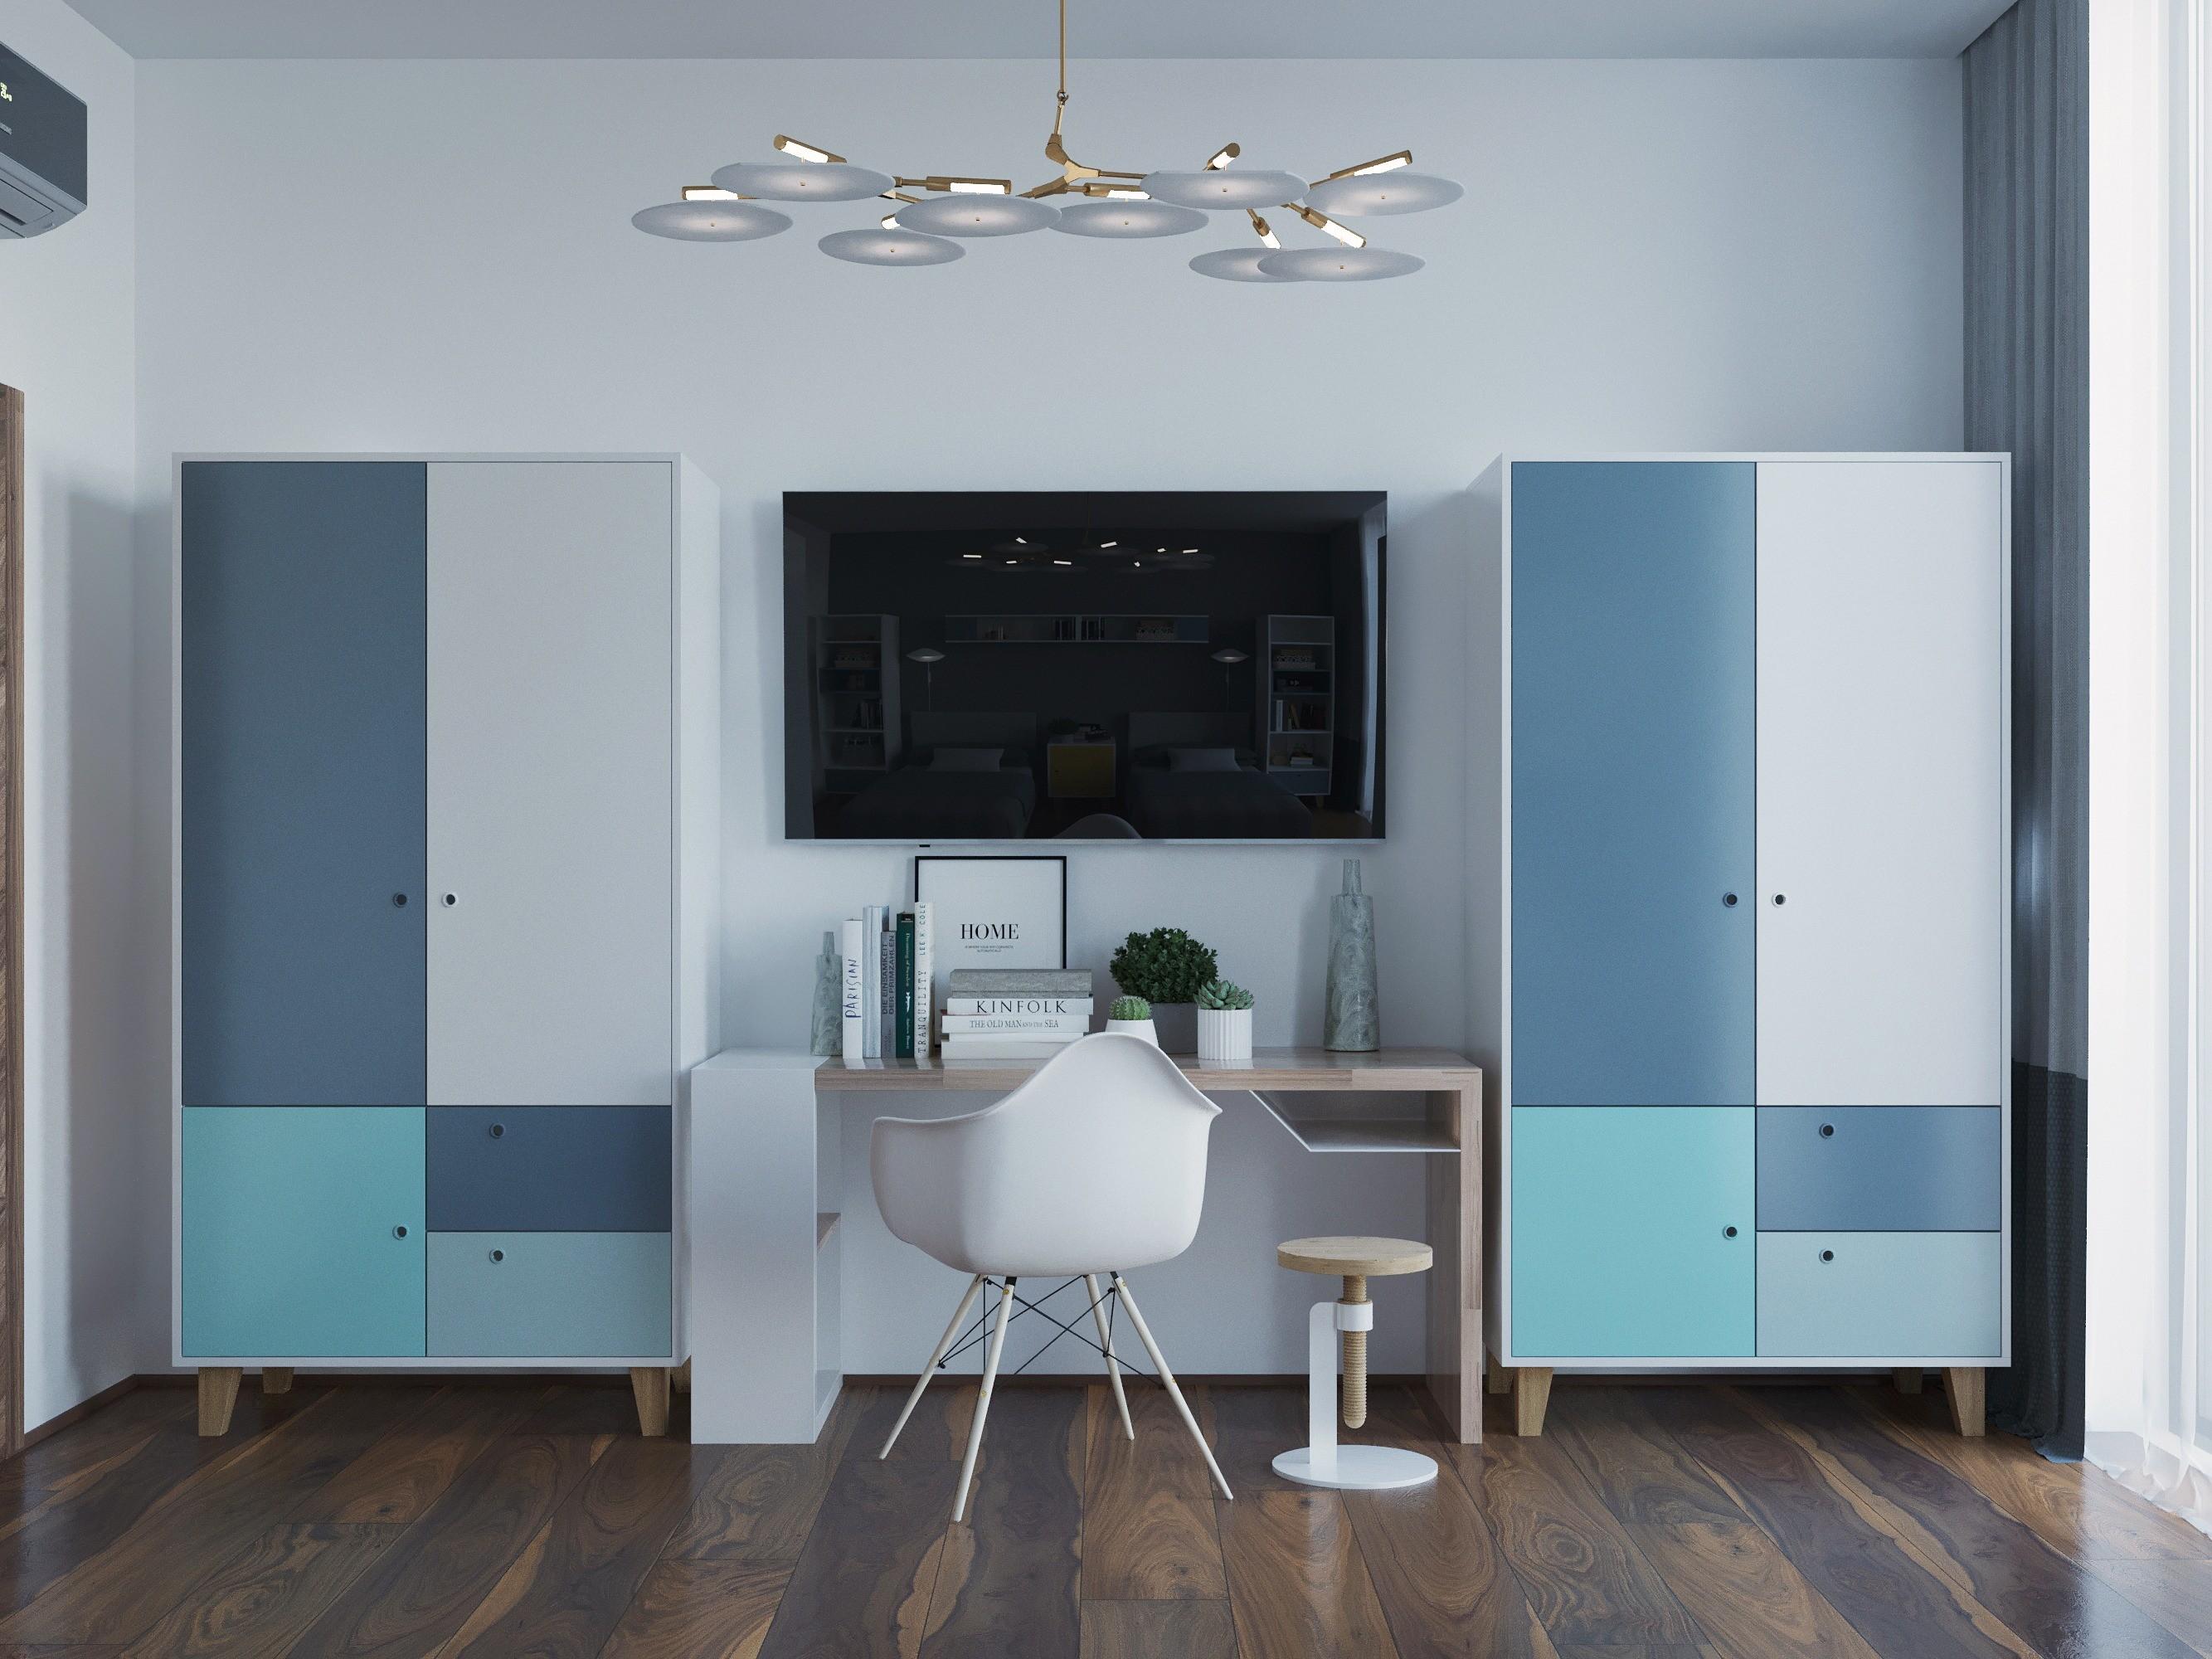 Дизайн-проект за 20 тыс. рублей: 6 простых шагов к стильному интерьеру